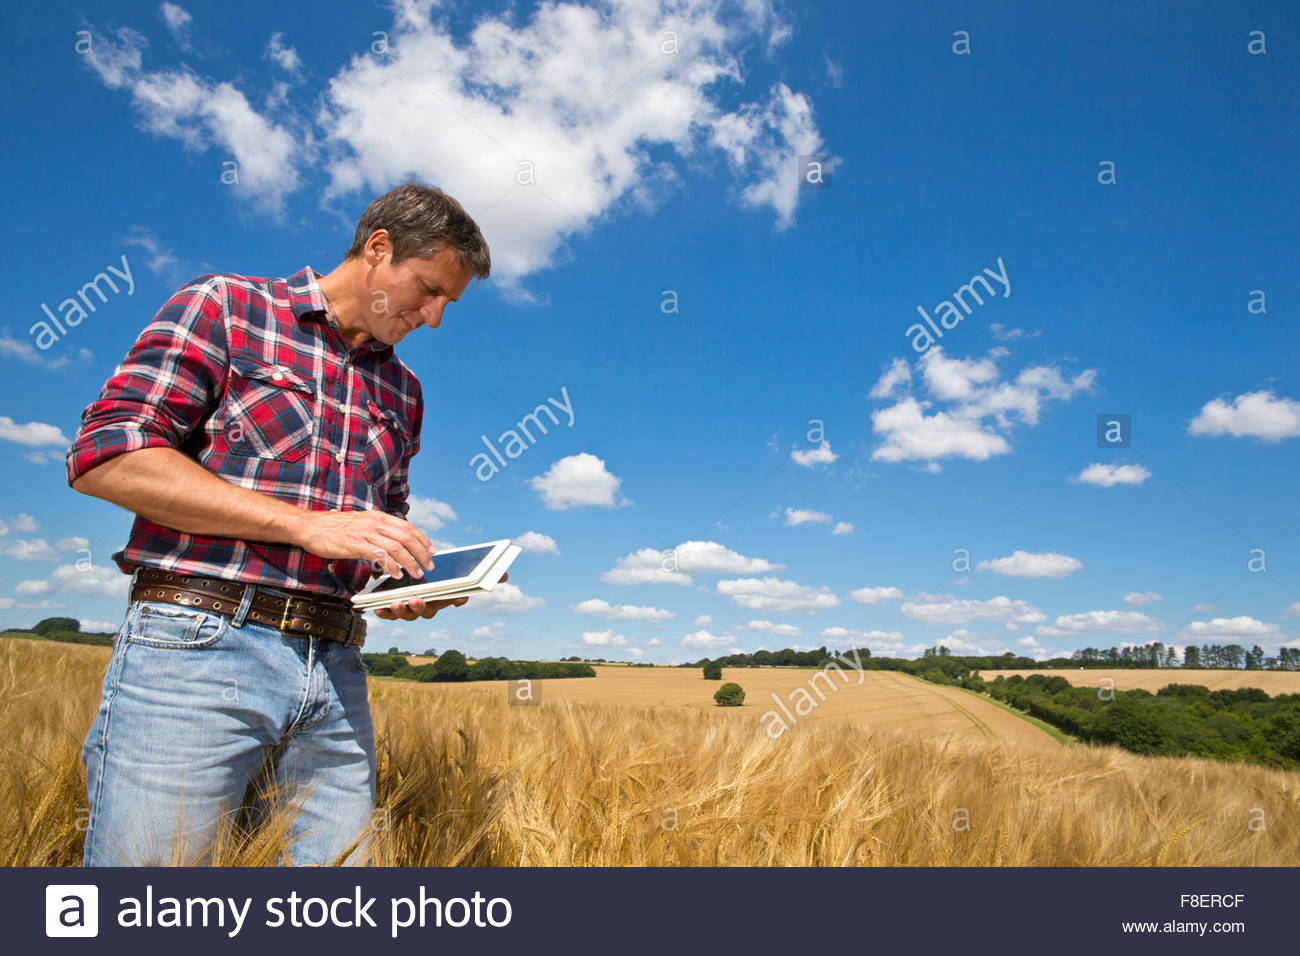 Agricultor usando tableta digital rural en un soleado día de campo de cultivos de cebada en verano Imagen De Stock